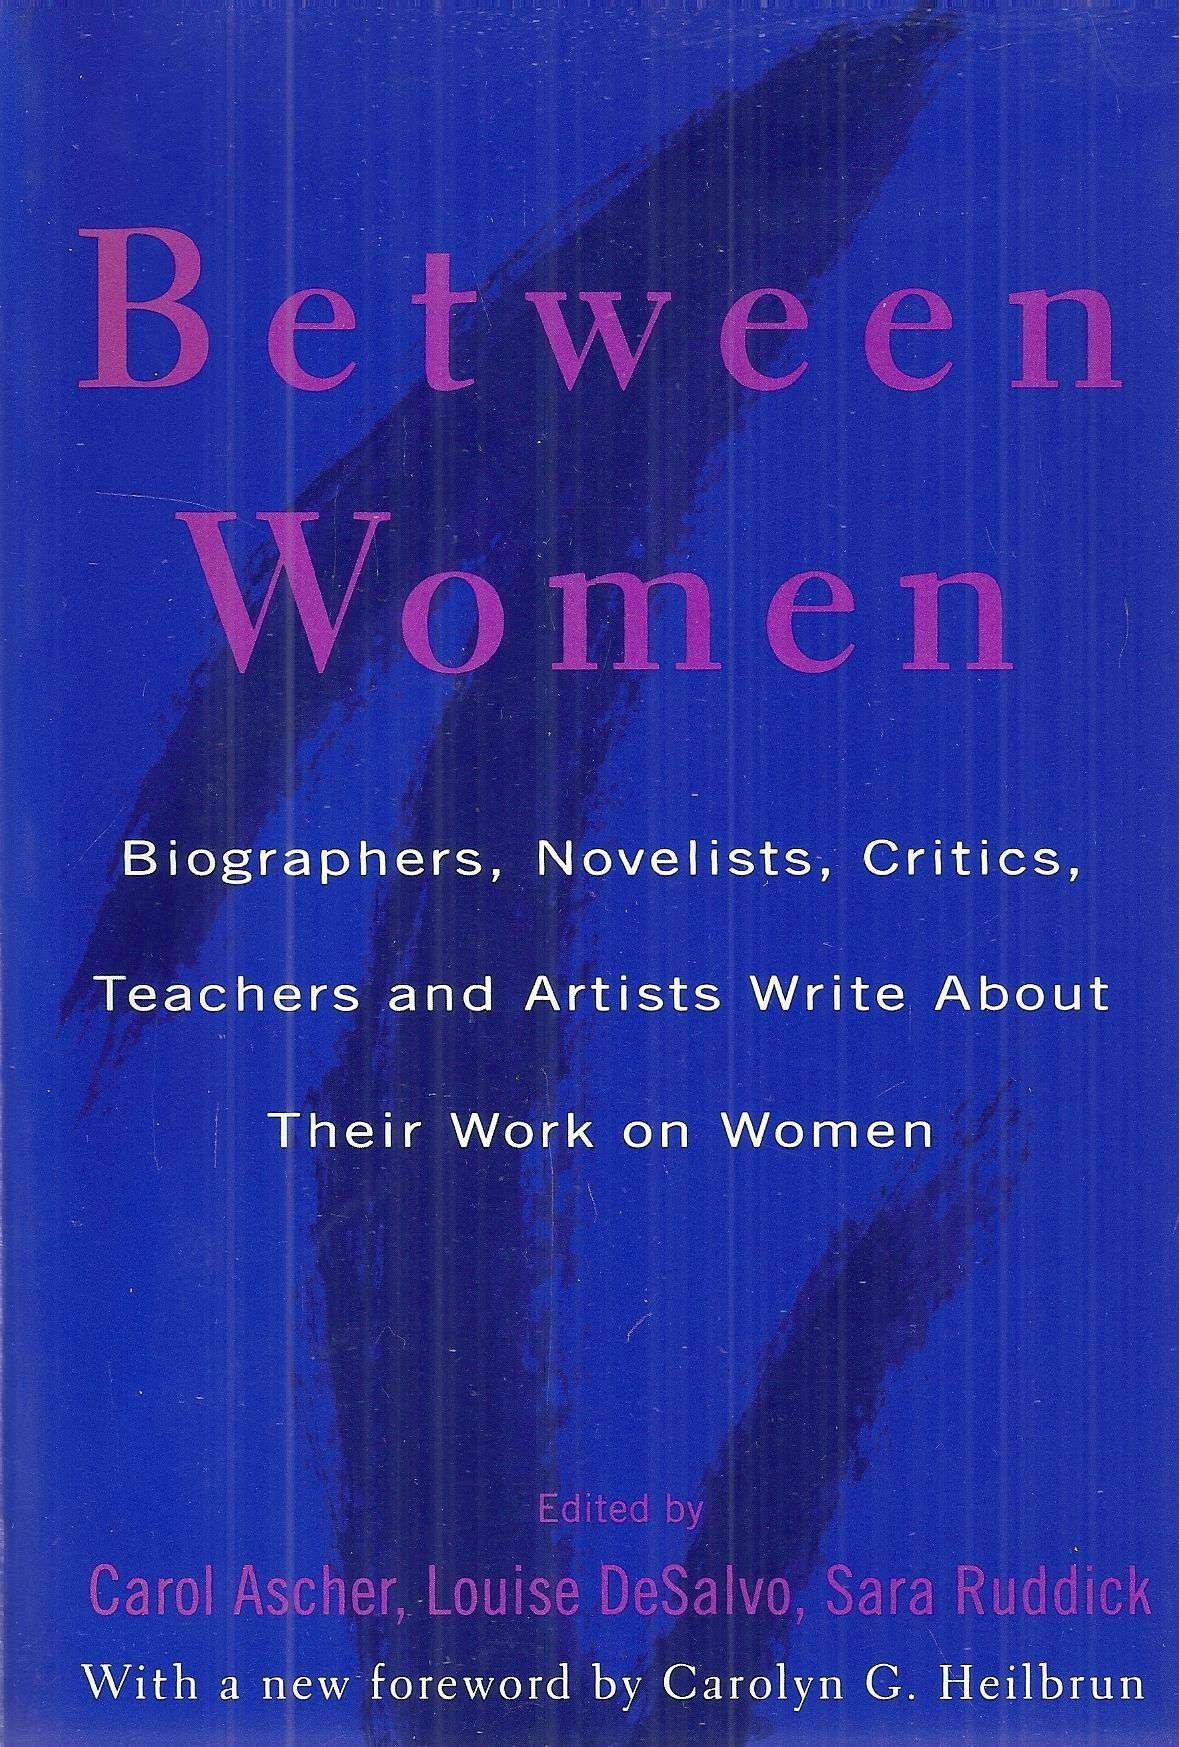 Between Women: Biographers, Novelists, Critics, Teachers and Artists Write about Their Work on Women